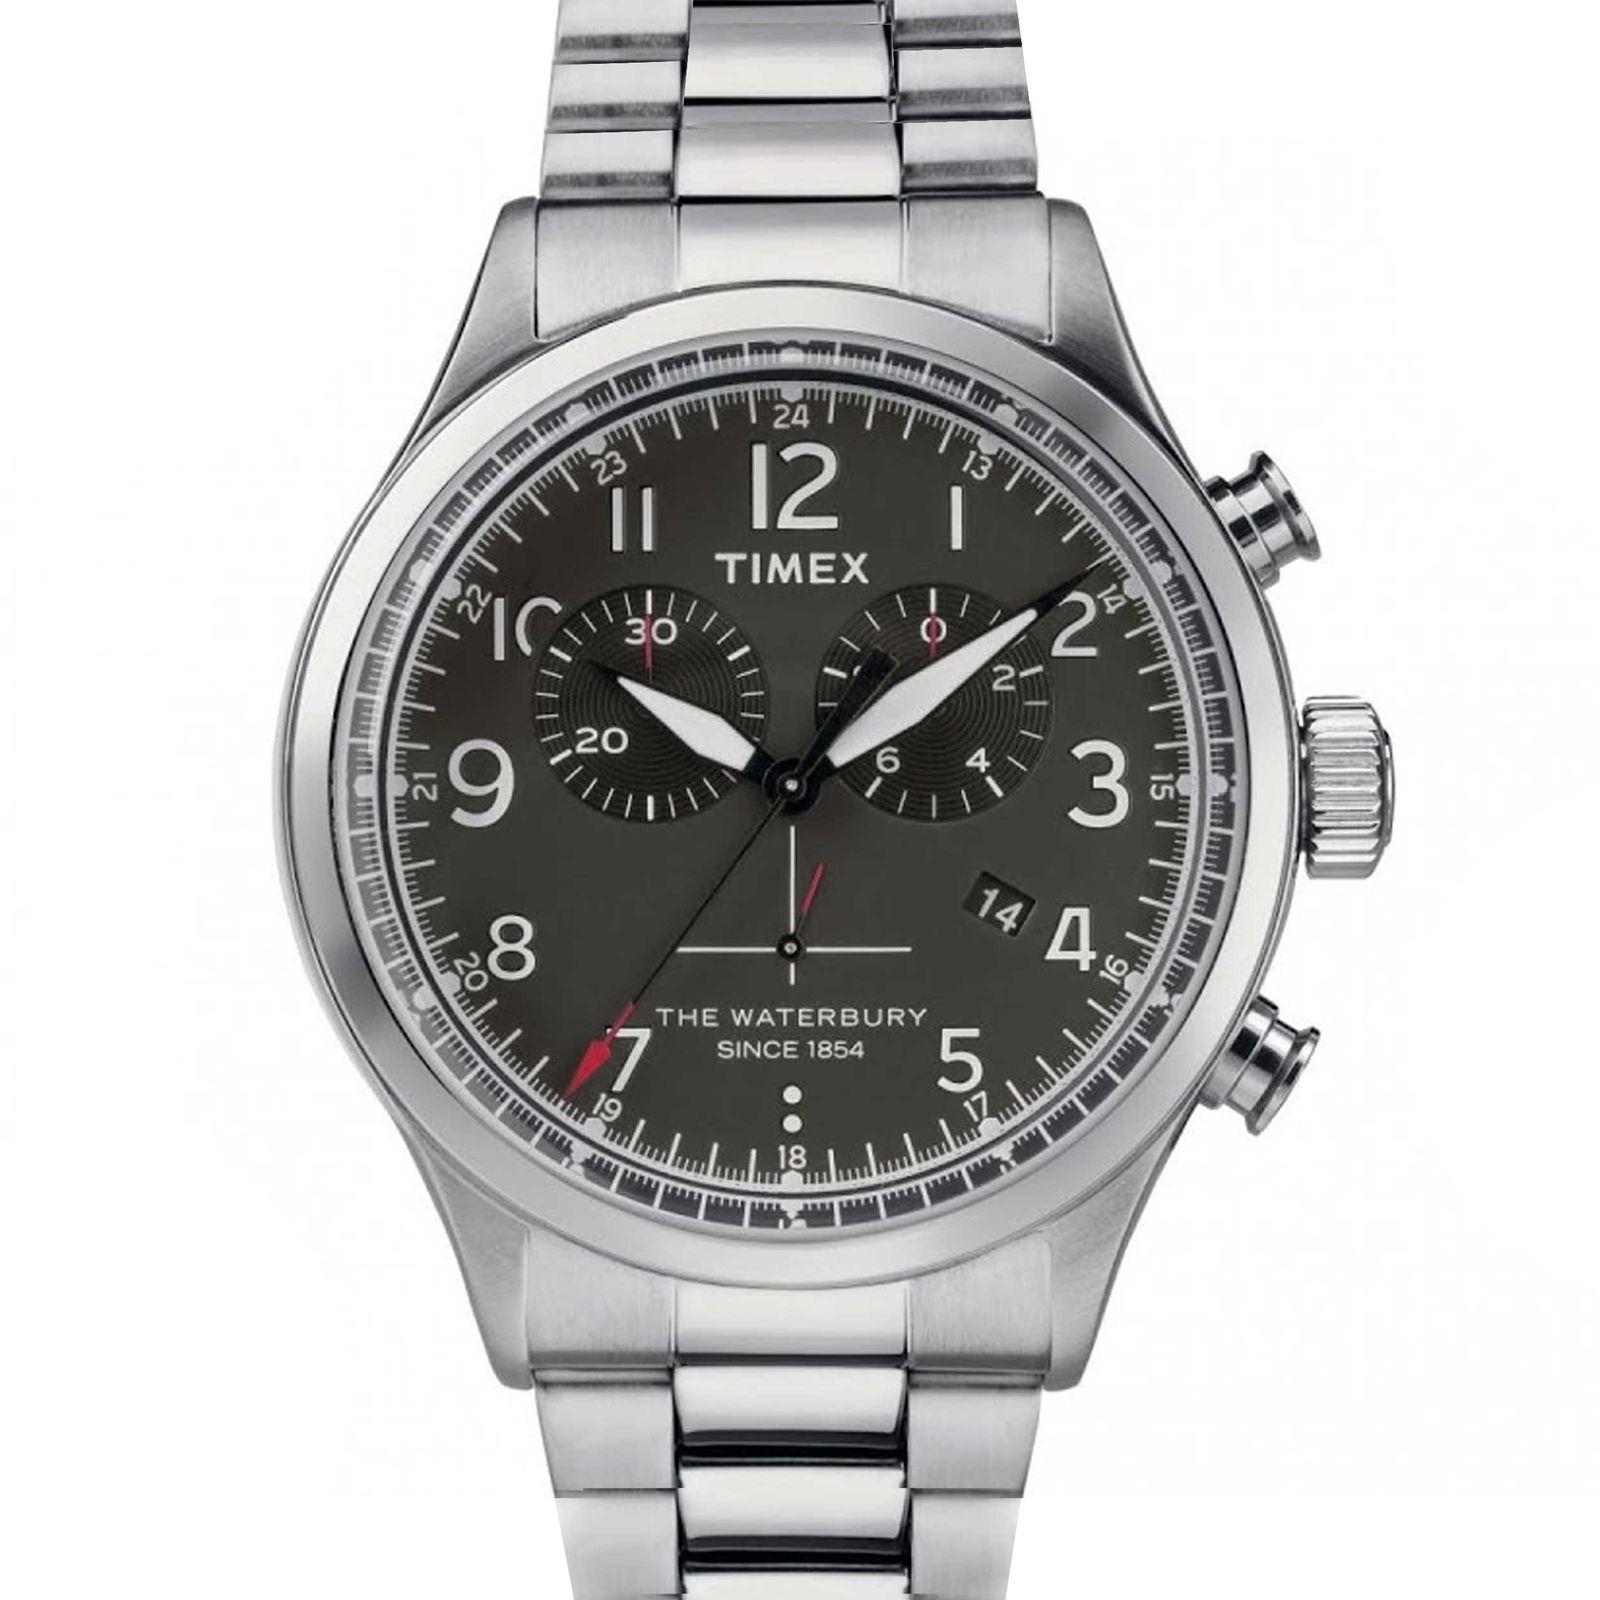 ساعت مچی عقربه ای مردانه تایمکس مدل TW2T70300 -  - 1